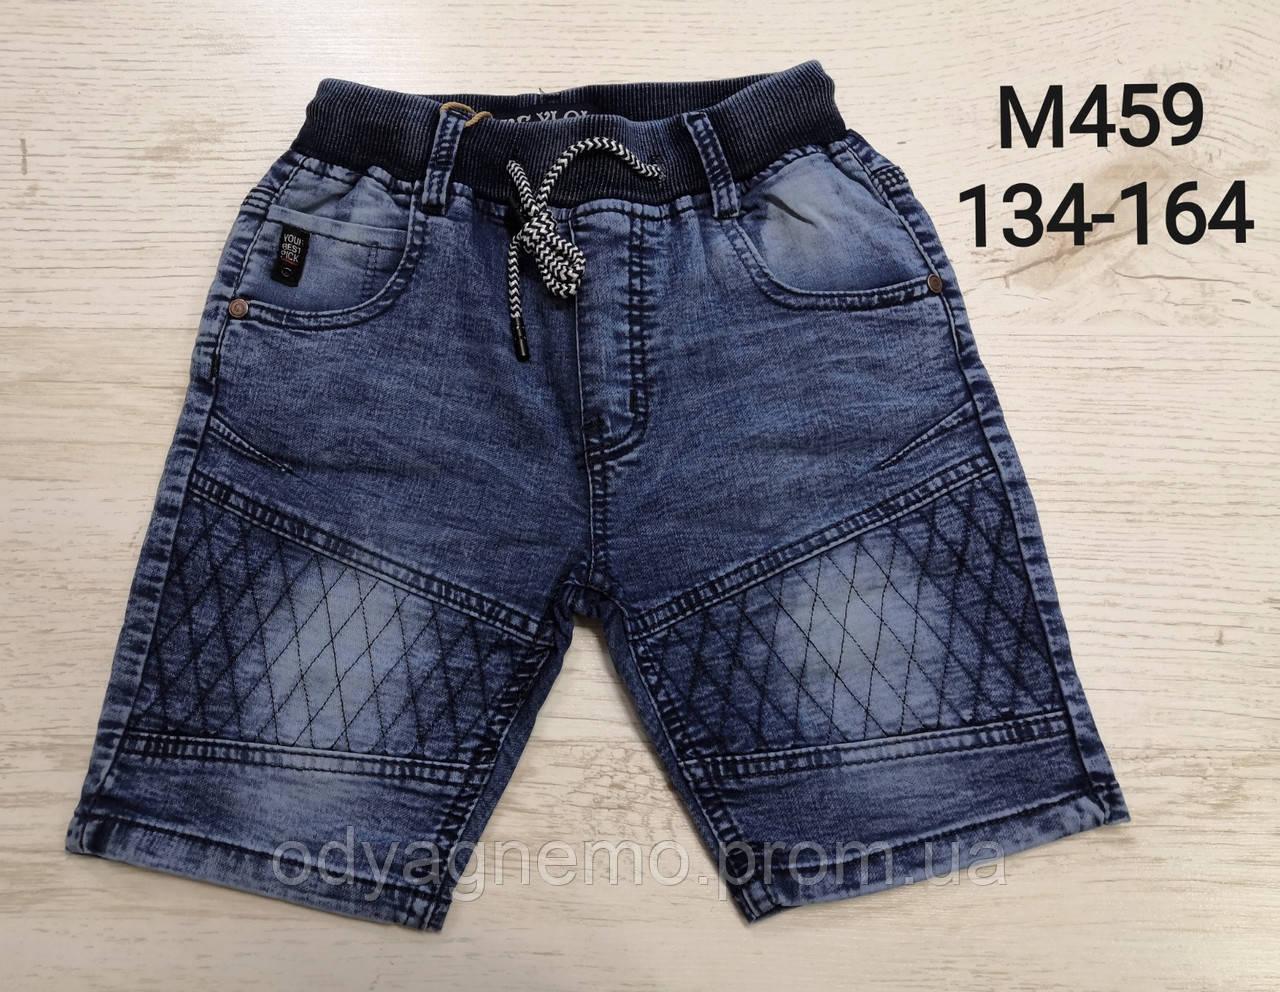 Джинсовые шорты для мальчиков KE YI QI, 134-164 рр. Артикул: M459